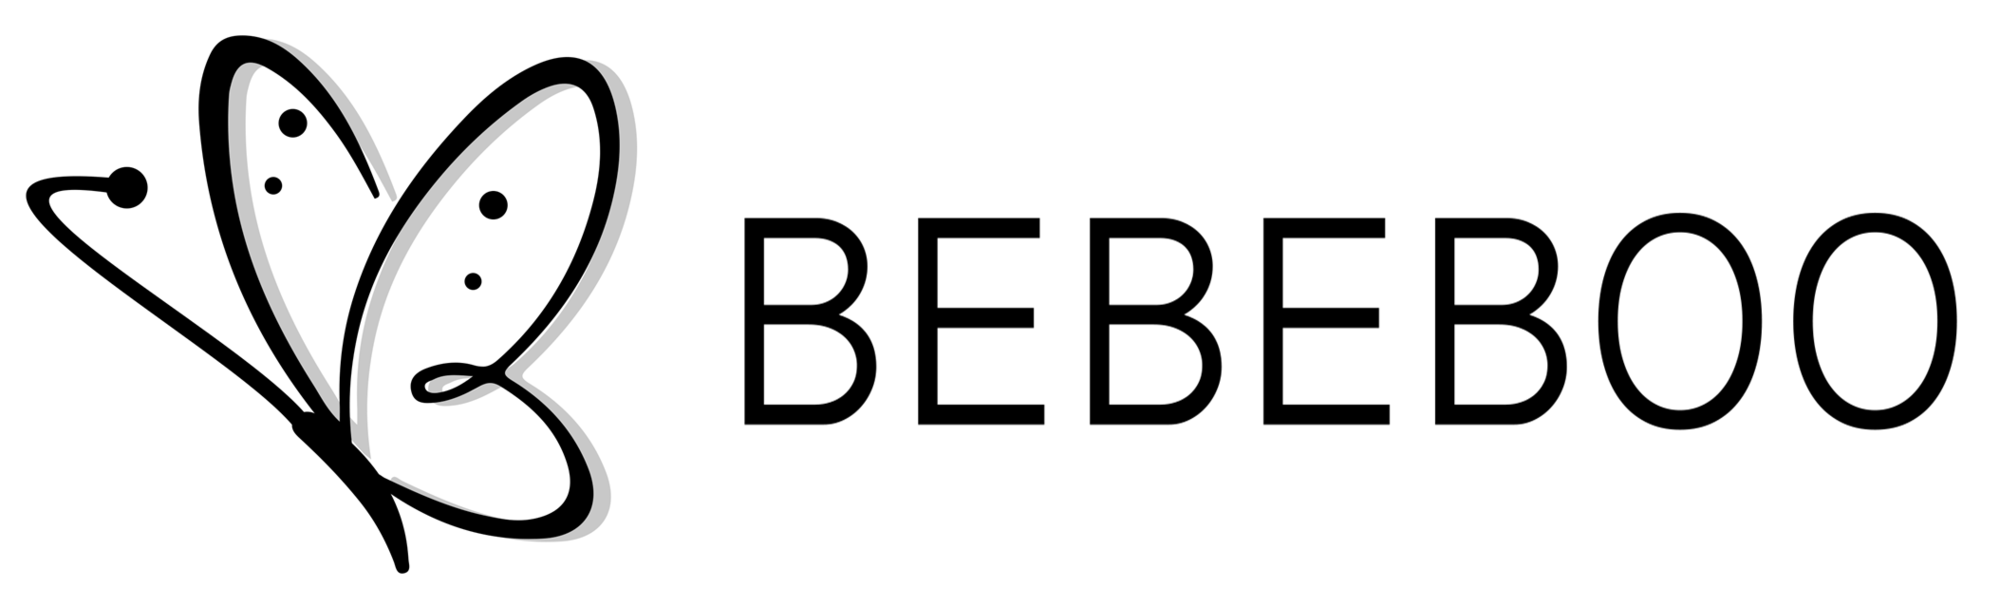 Bebeboo